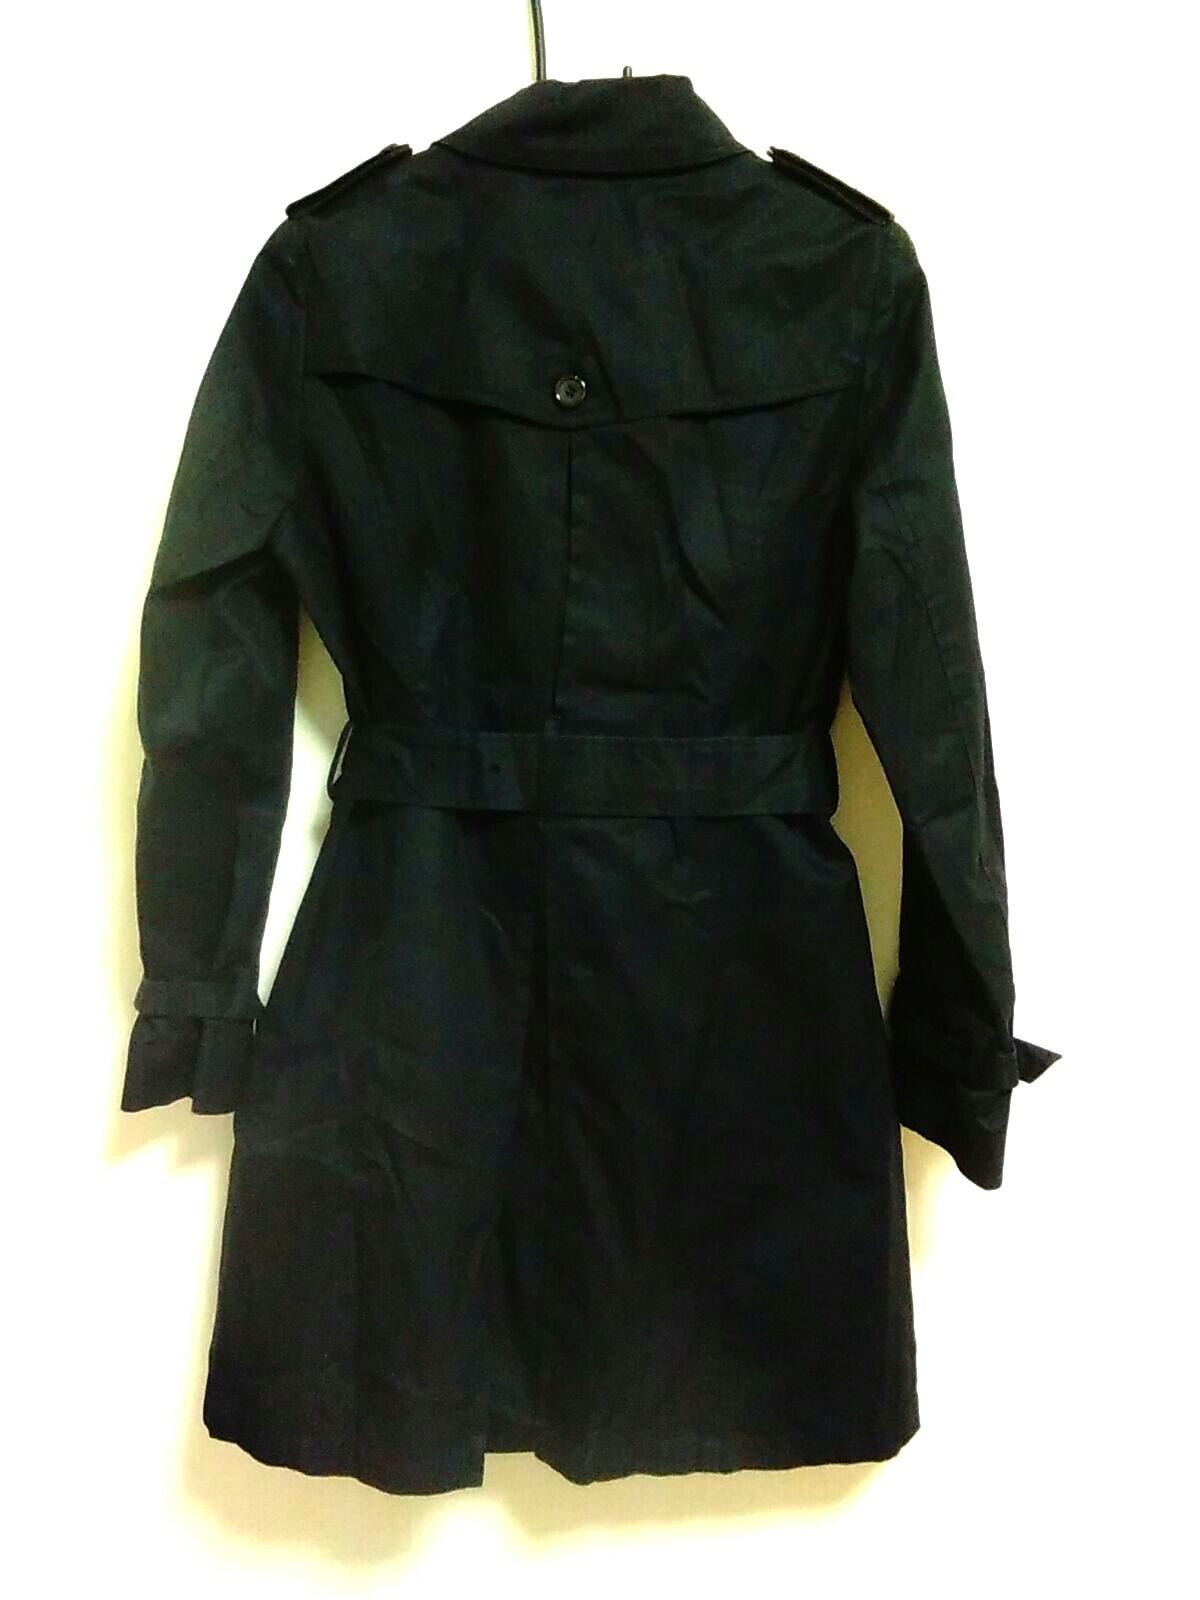 SPB(エスピービー)のコート